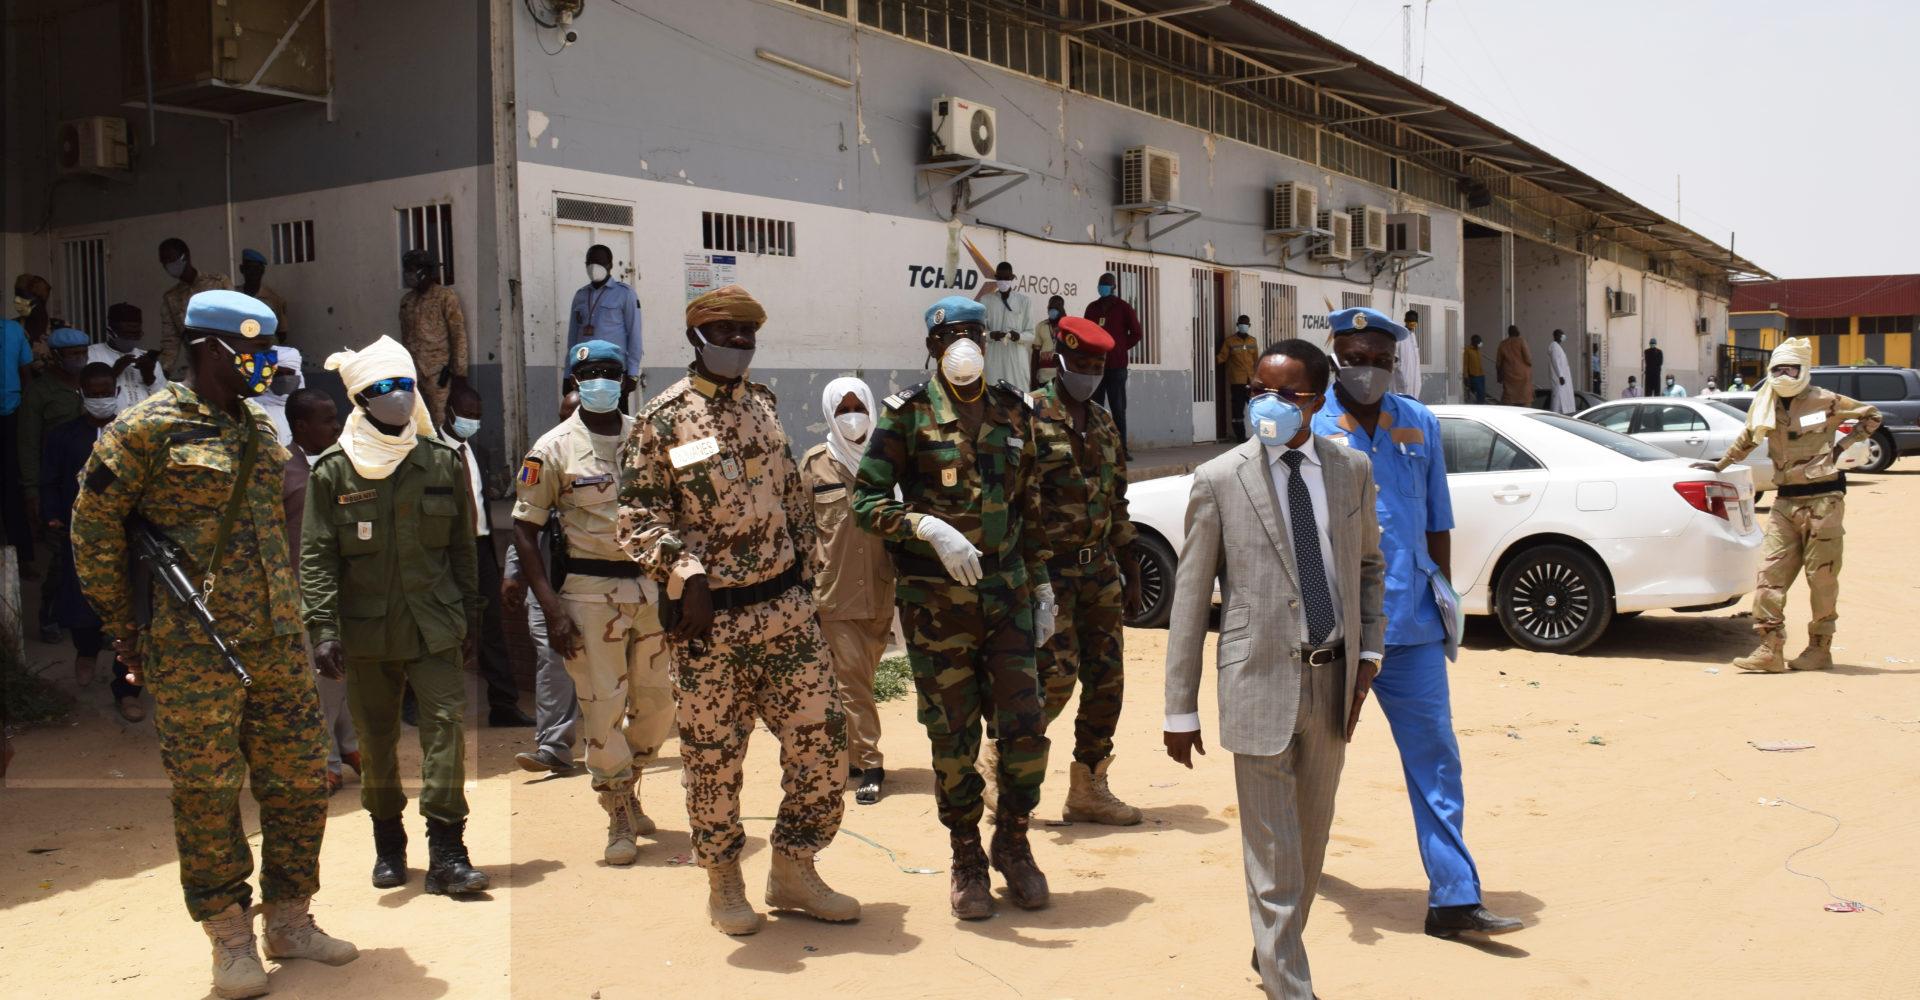 Le Dg des douanes visite ses différents services pour s'assurer du respect des mesures contre le Covid-19 1